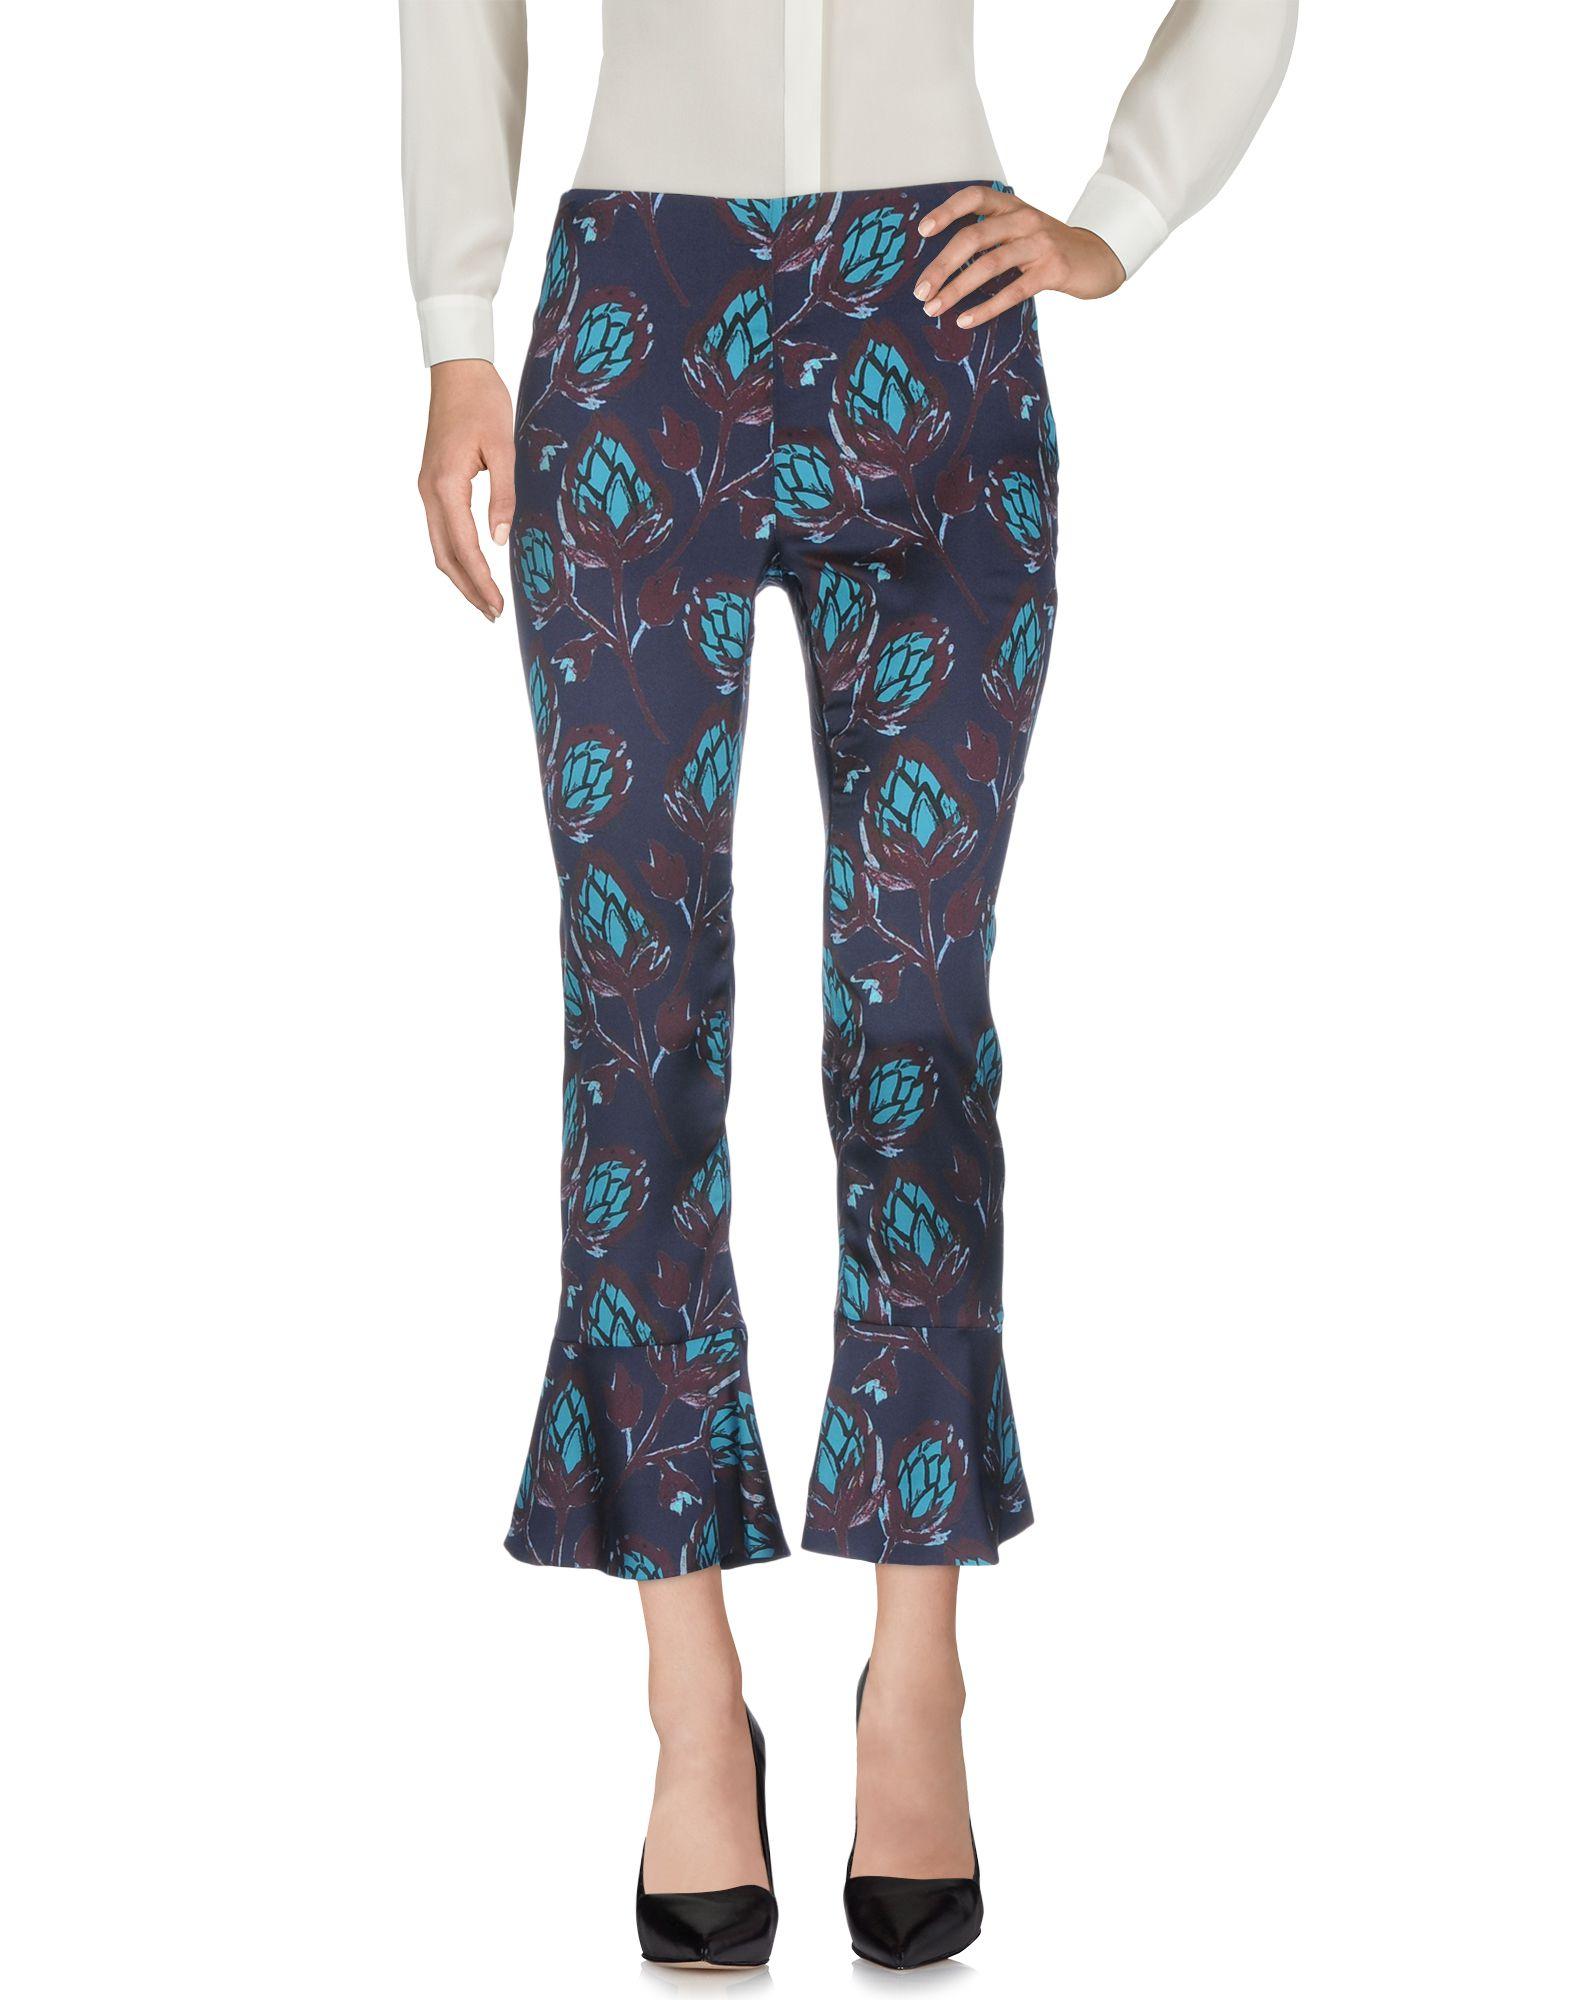 Pantalone L' Autre Chose Donna - Acquista online su SB84QOC